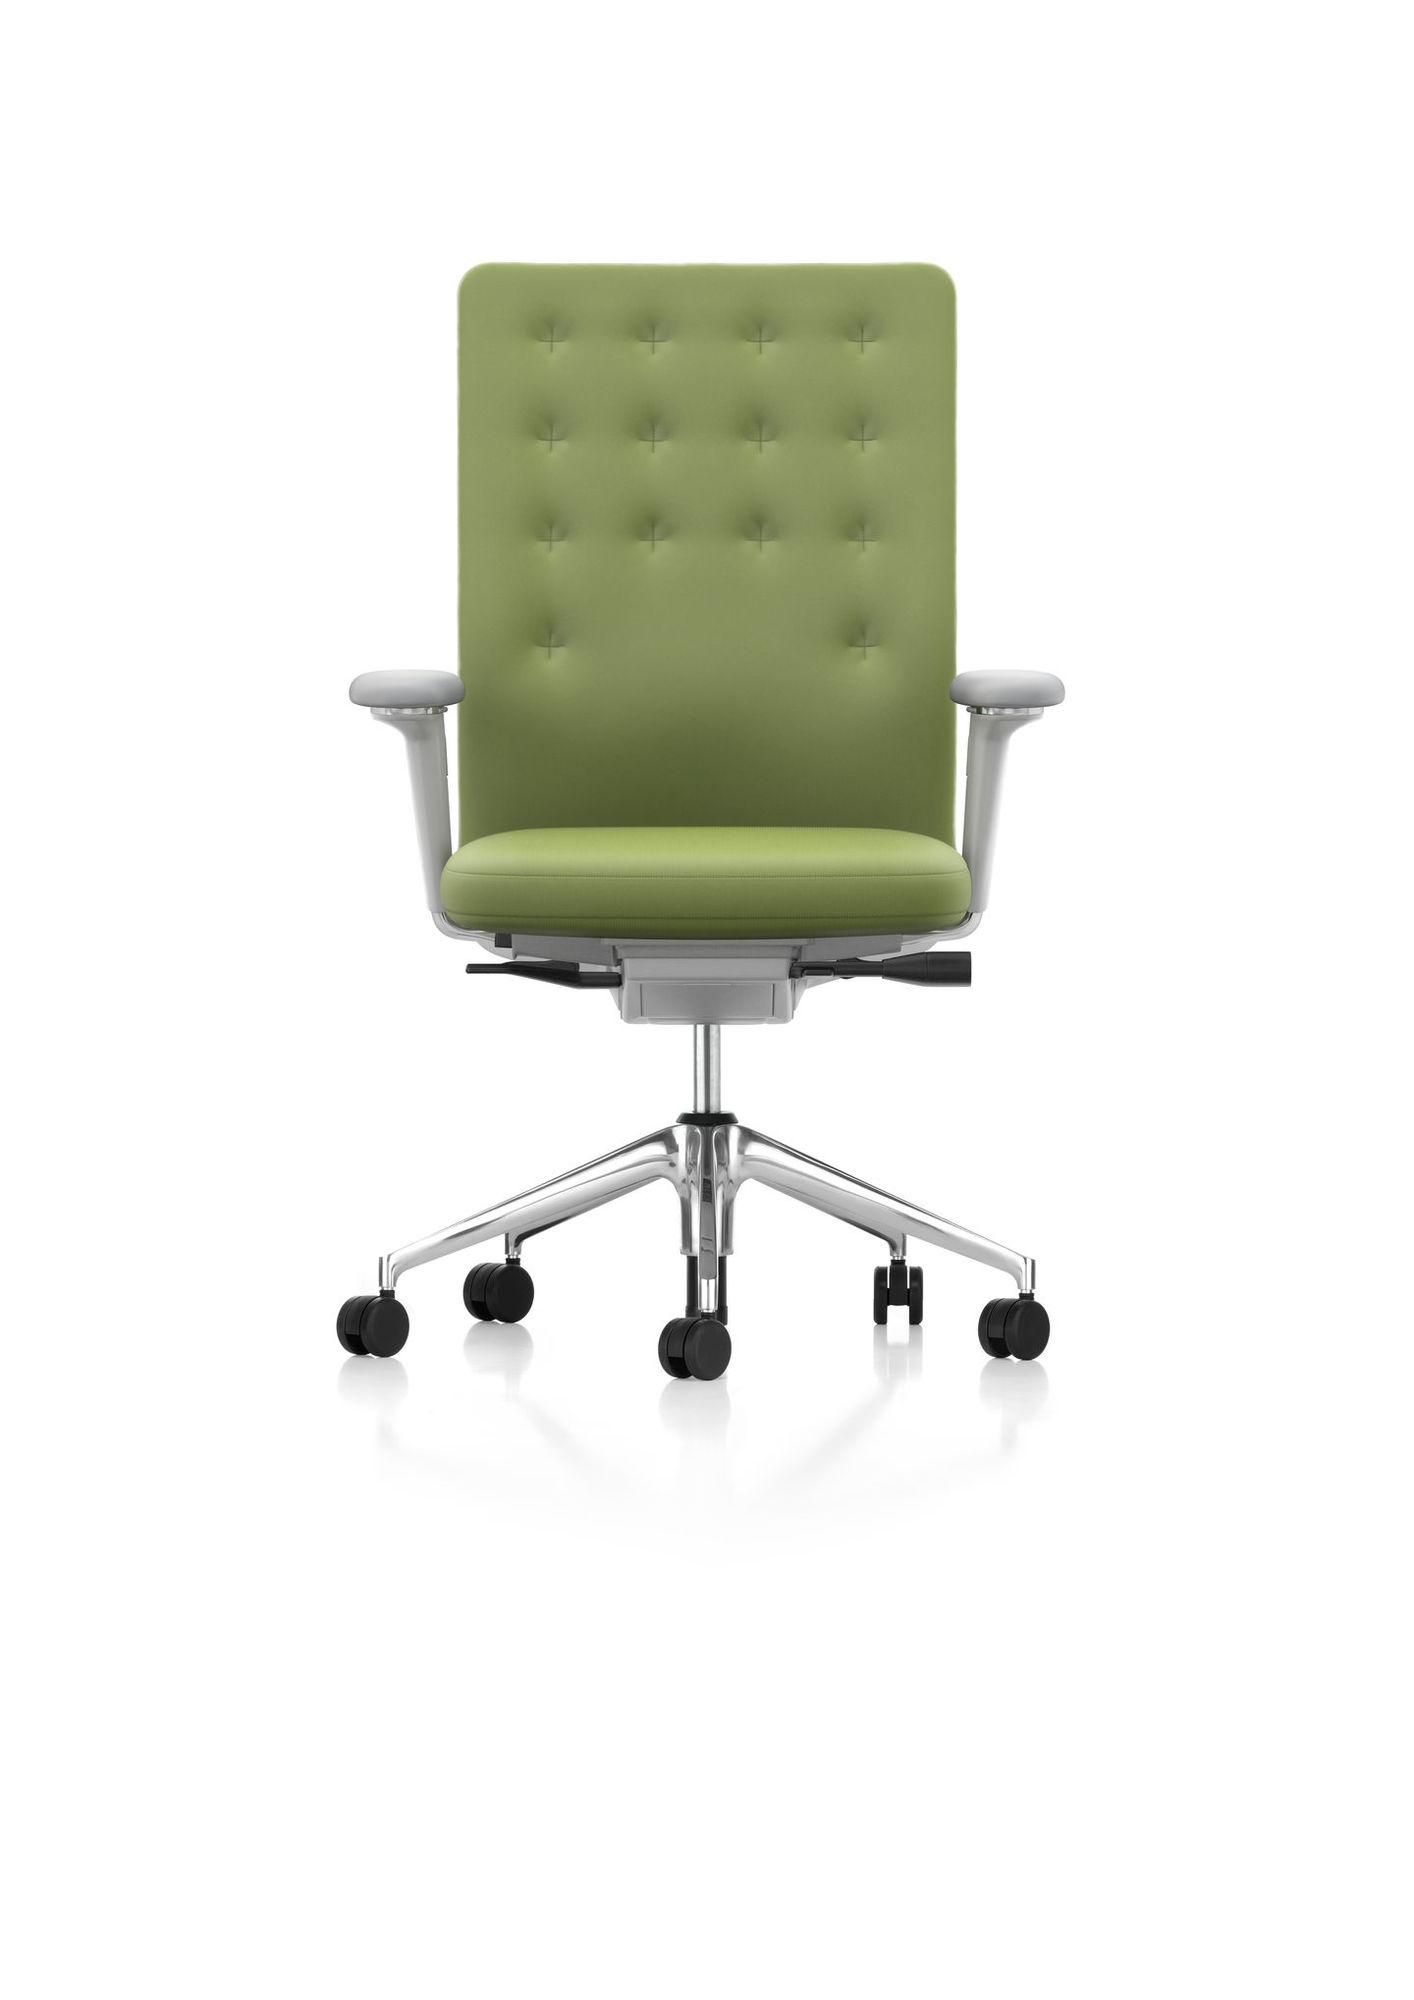 ID Chair - ID Trim mit Lumbalstütze Bürodrehstuhl Vitra